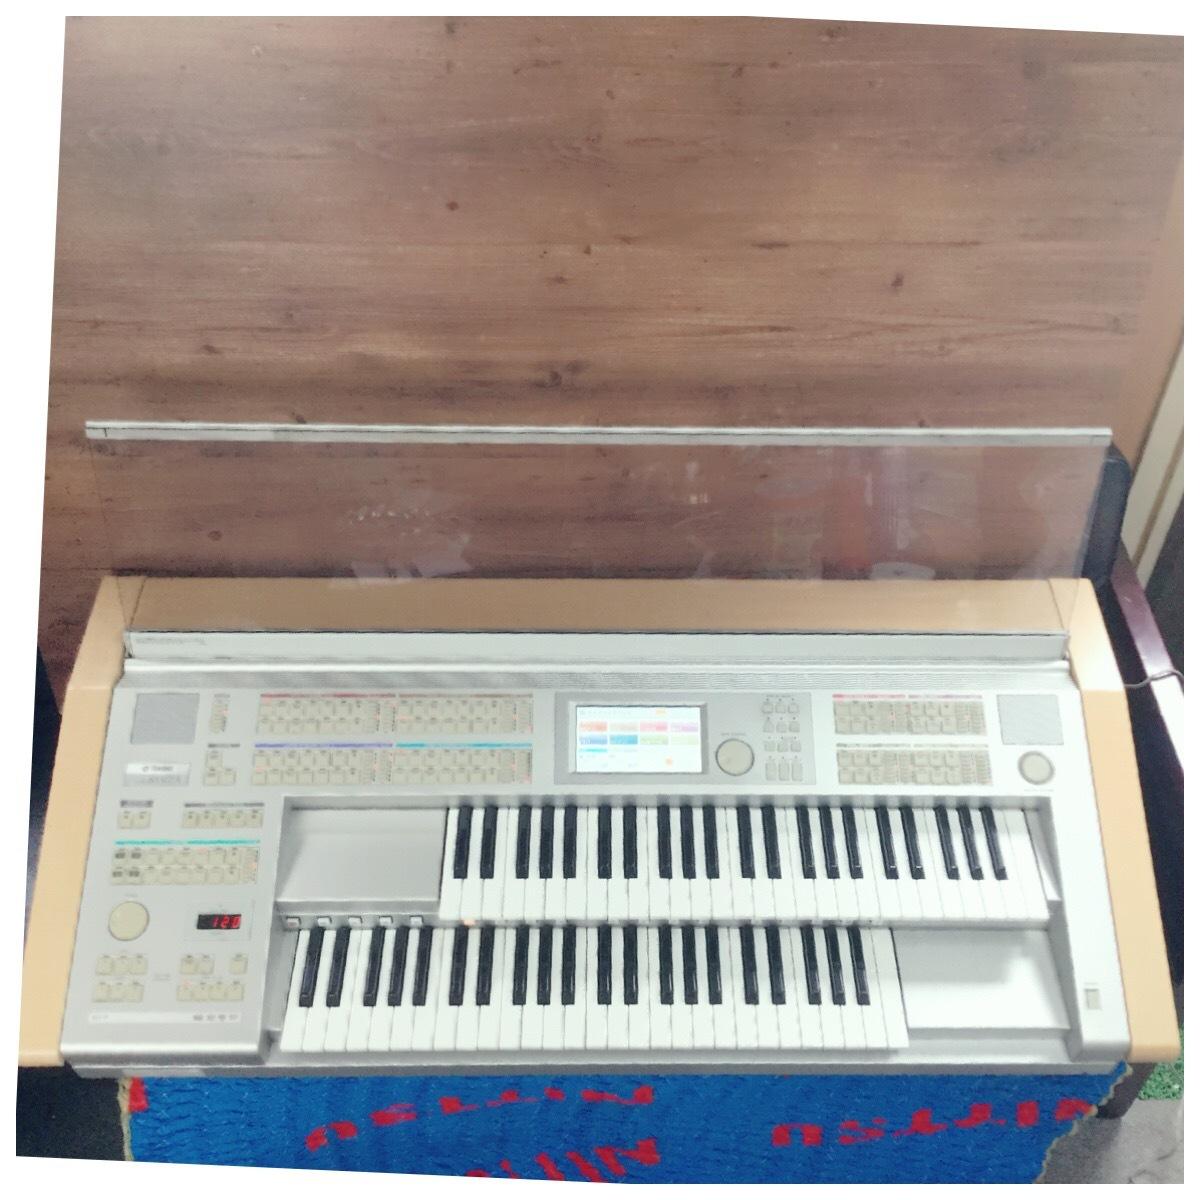 ☆ YAMAHA ヤマハ ELS-01 STAGEA ステージア エレクトーン 鍵盤 電子オルガン 楽器 演奏 キーボード 2004年製 現状品 ☆_画像2